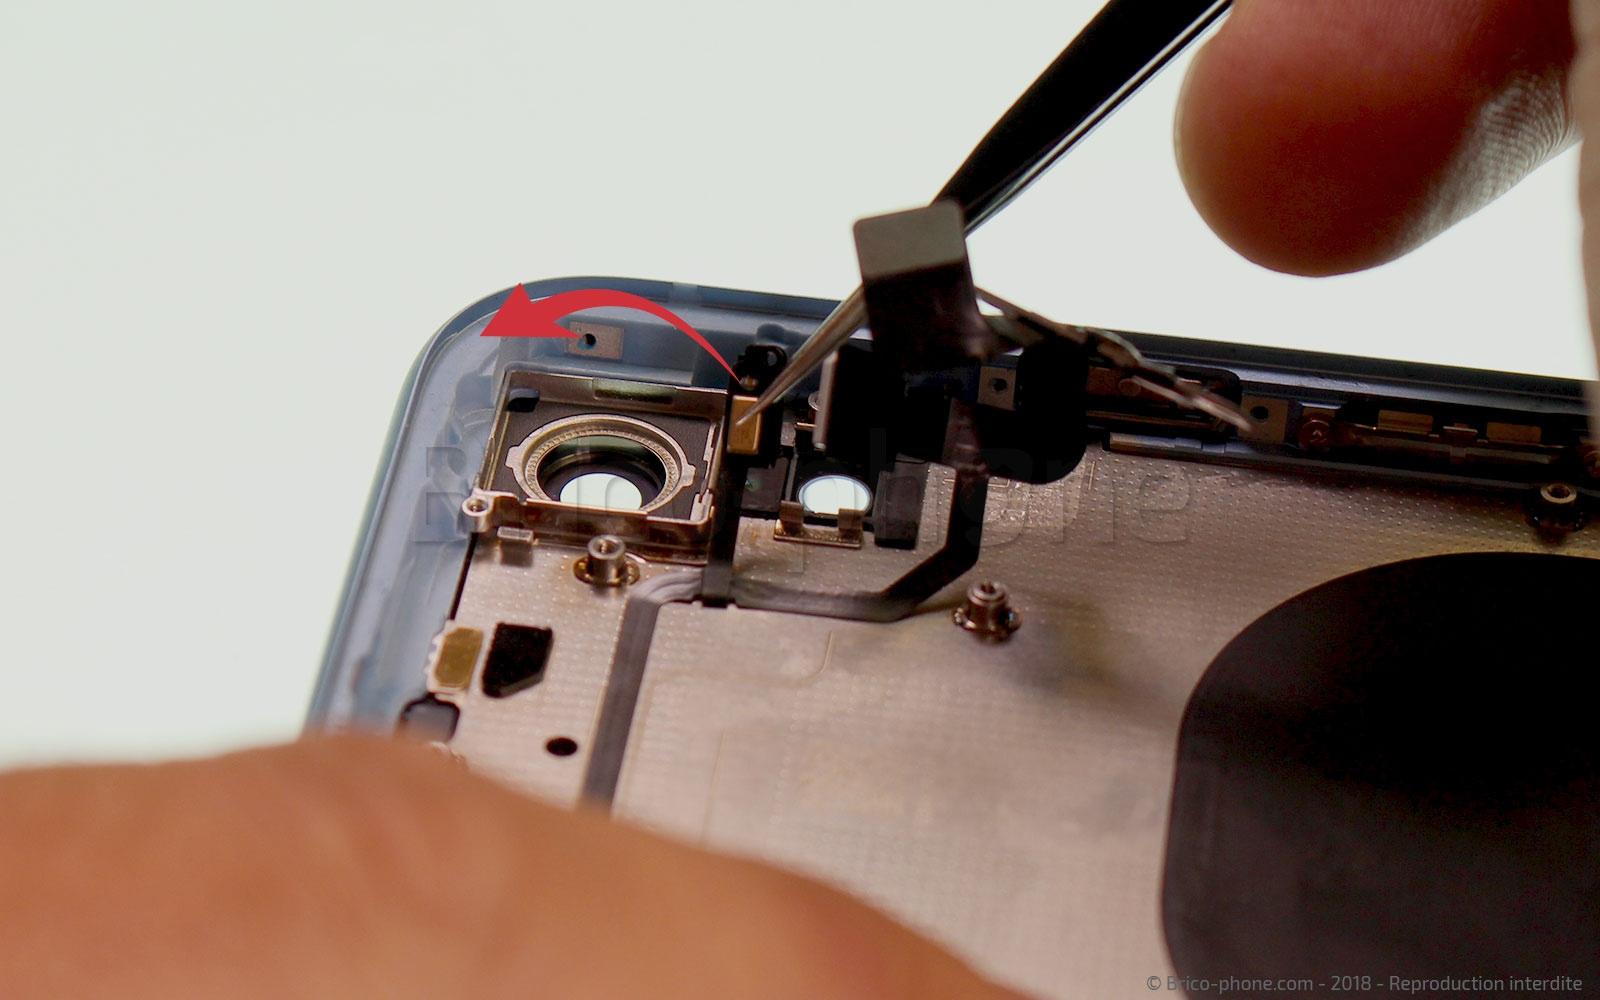 Etape 34 : Dégager le micro et flash